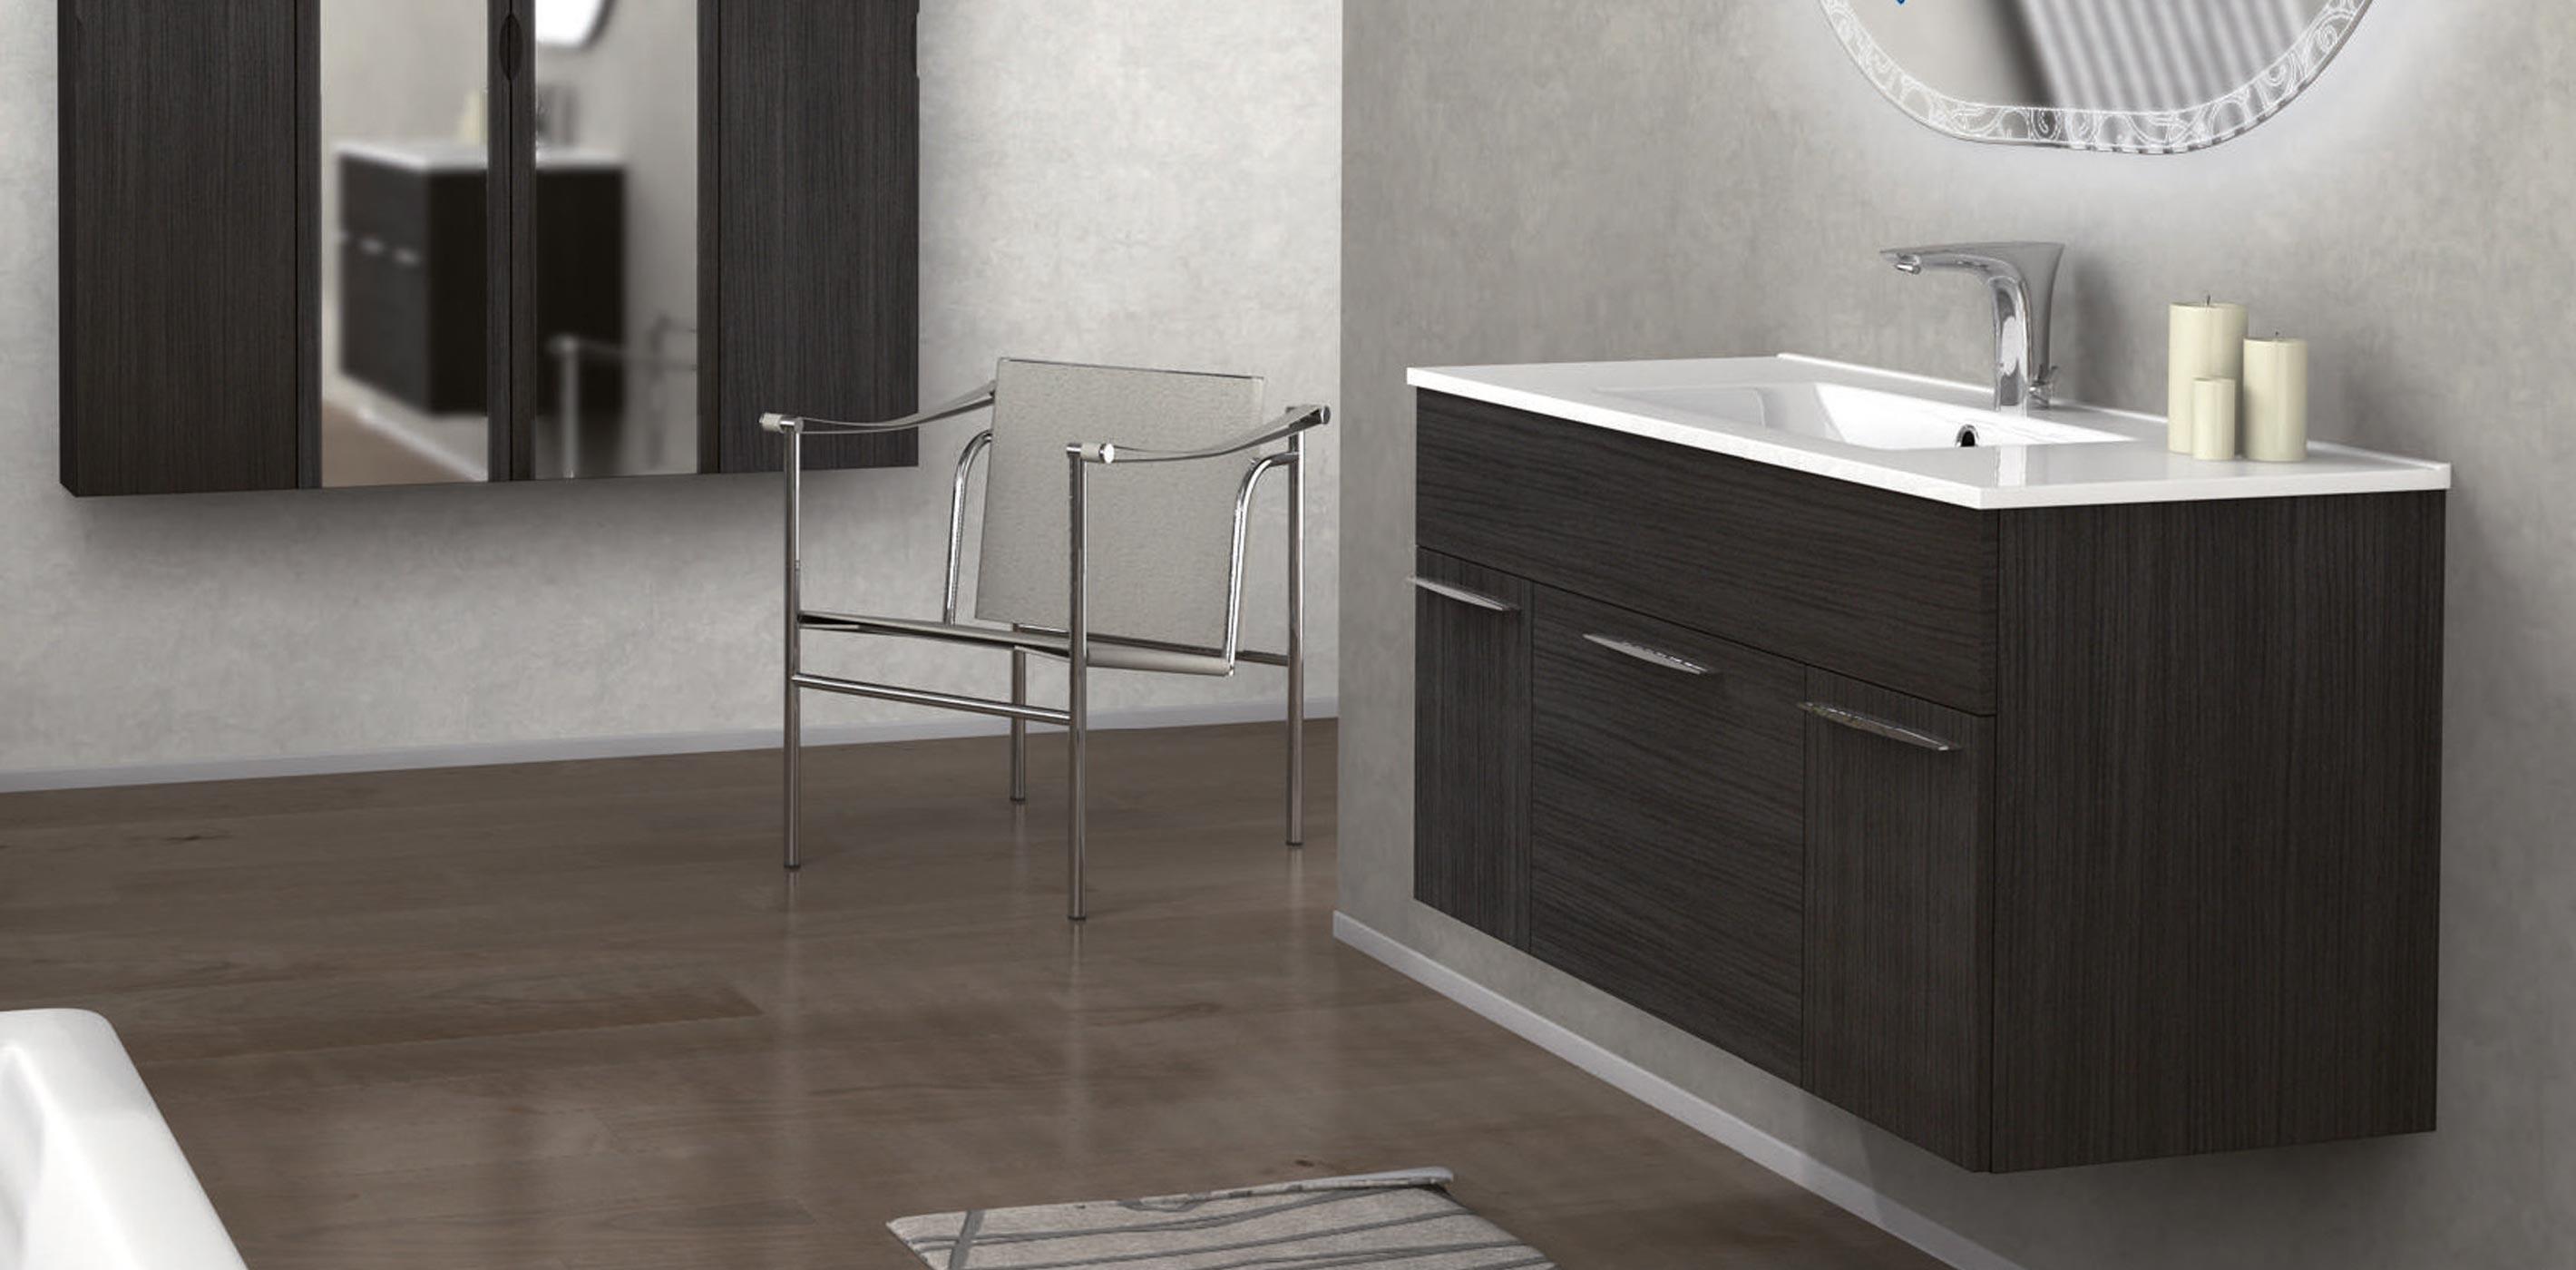 Ristrutturazione completa del bagno in 3 giorni bagnitaliani - Ristrutturazione del bagno ...